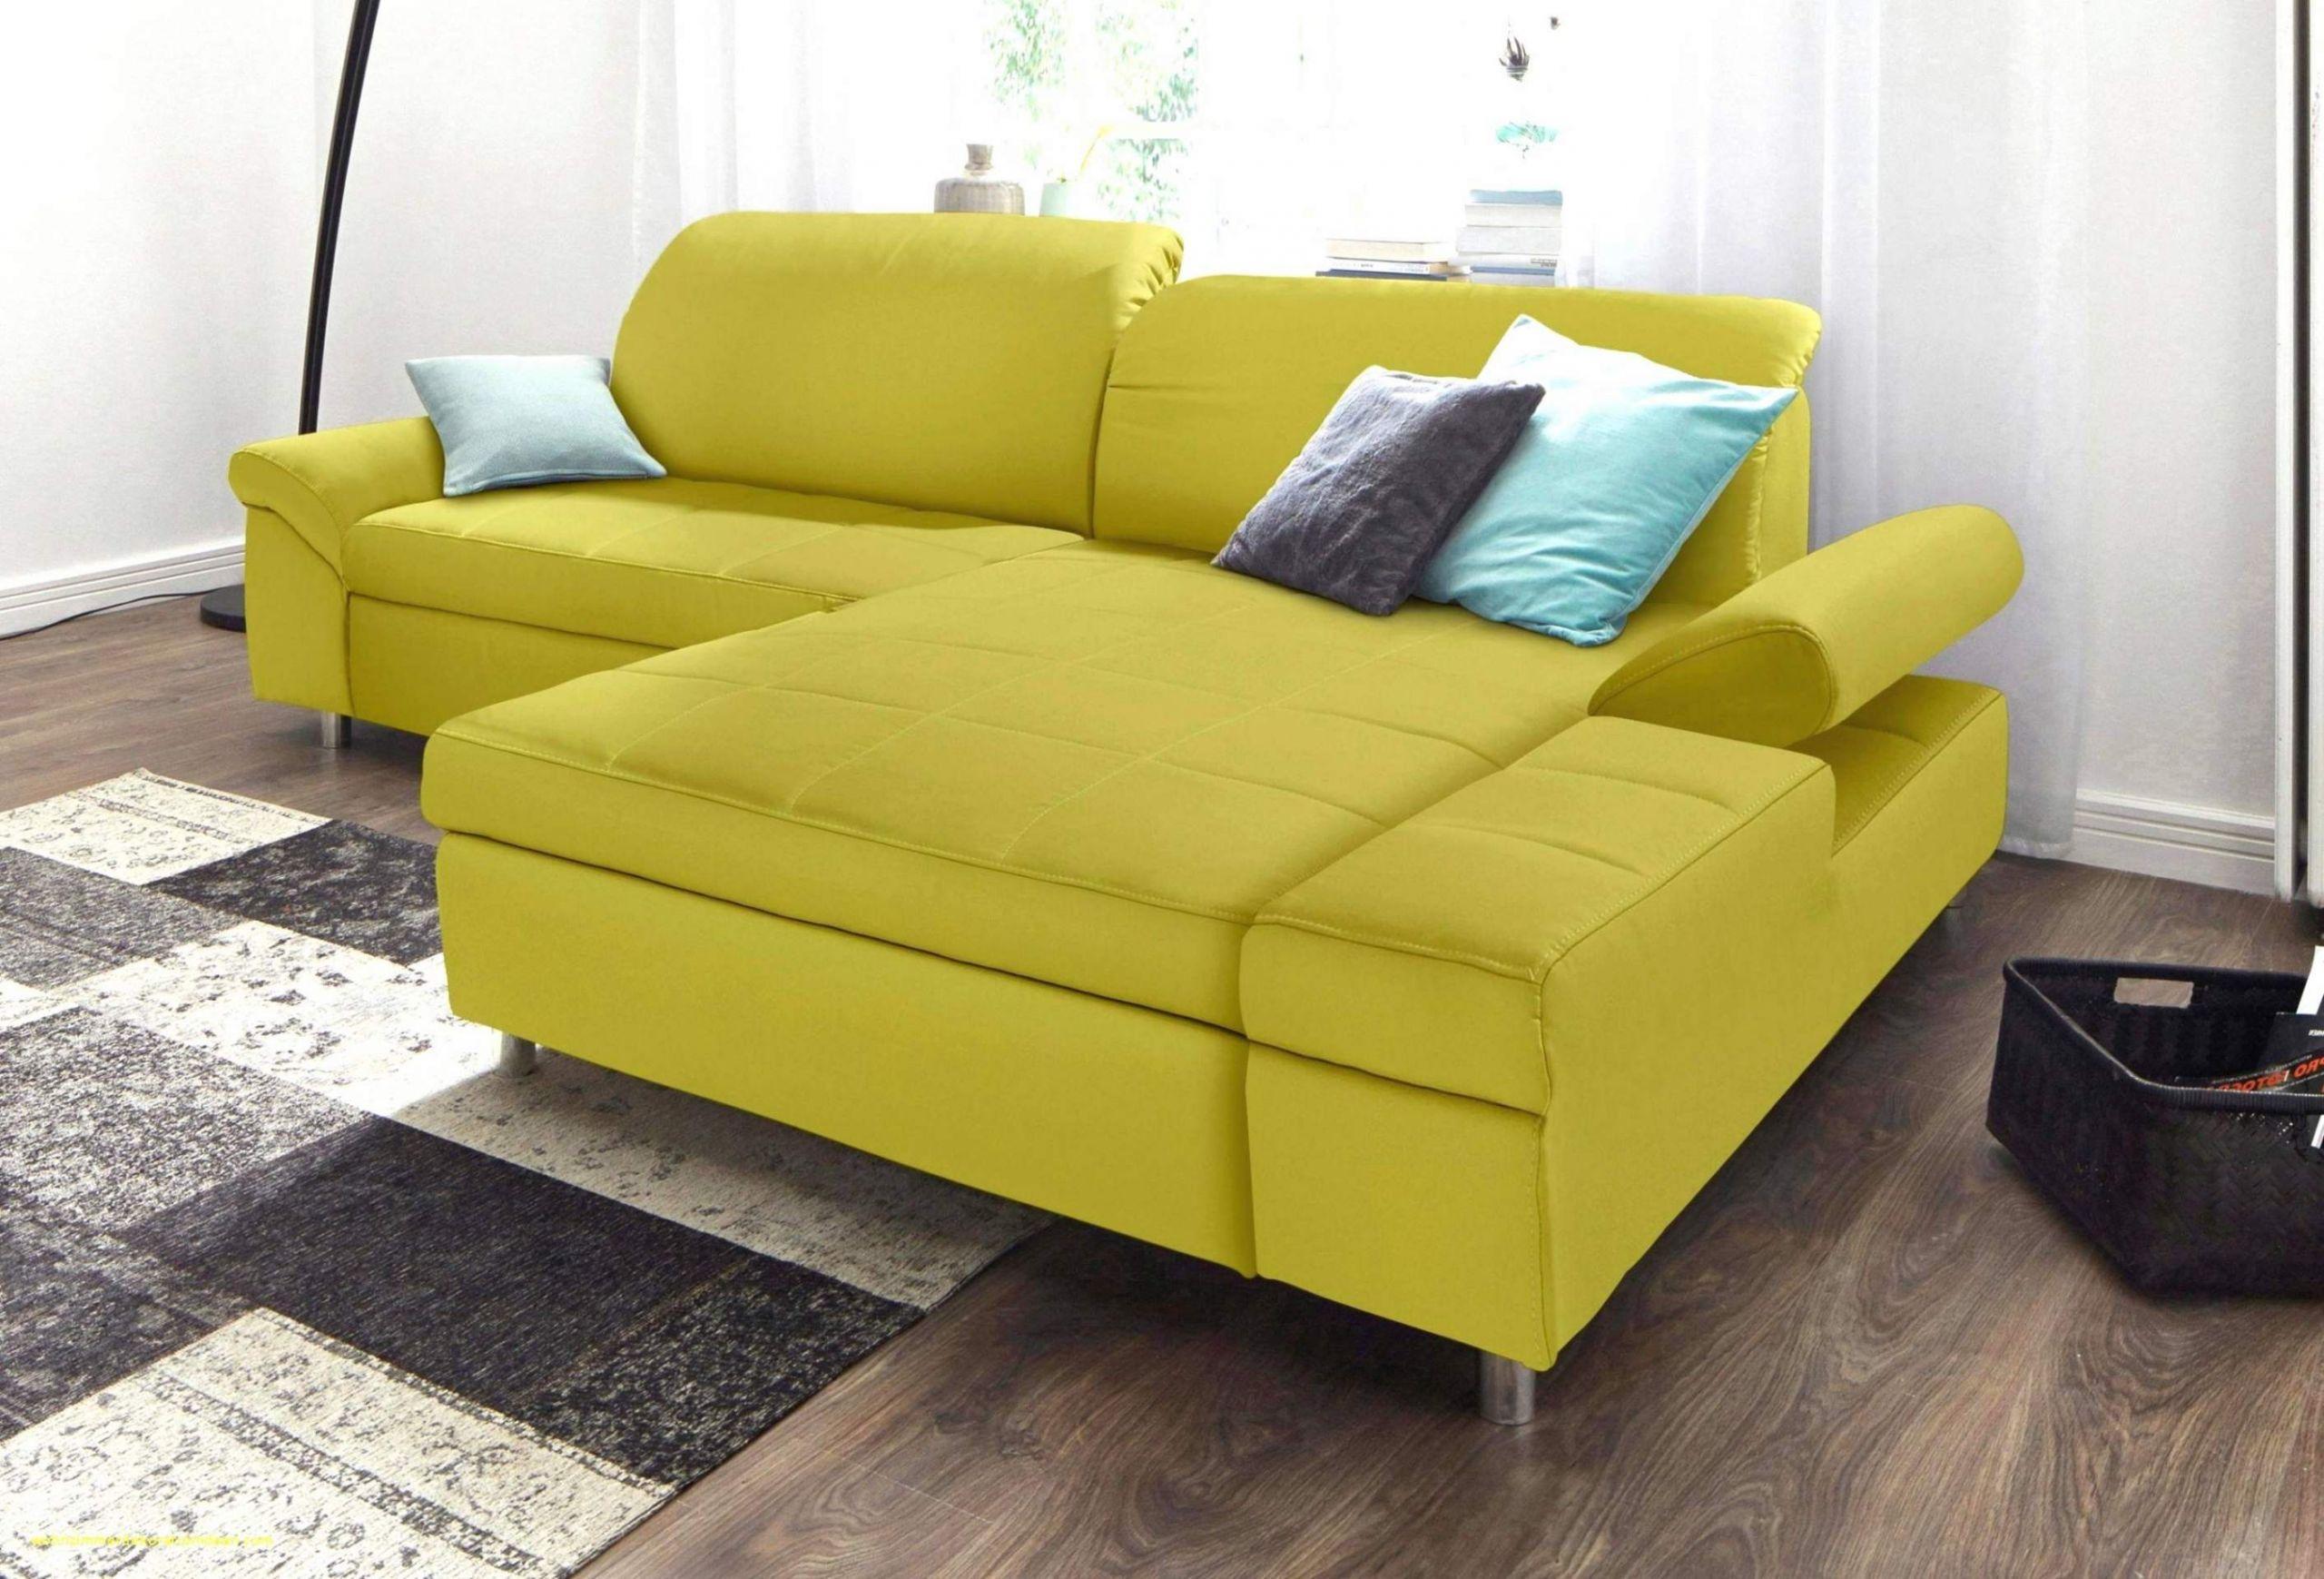 decke fur sofa yct projekte mobel fur kleine raume mobel fur kleine raume